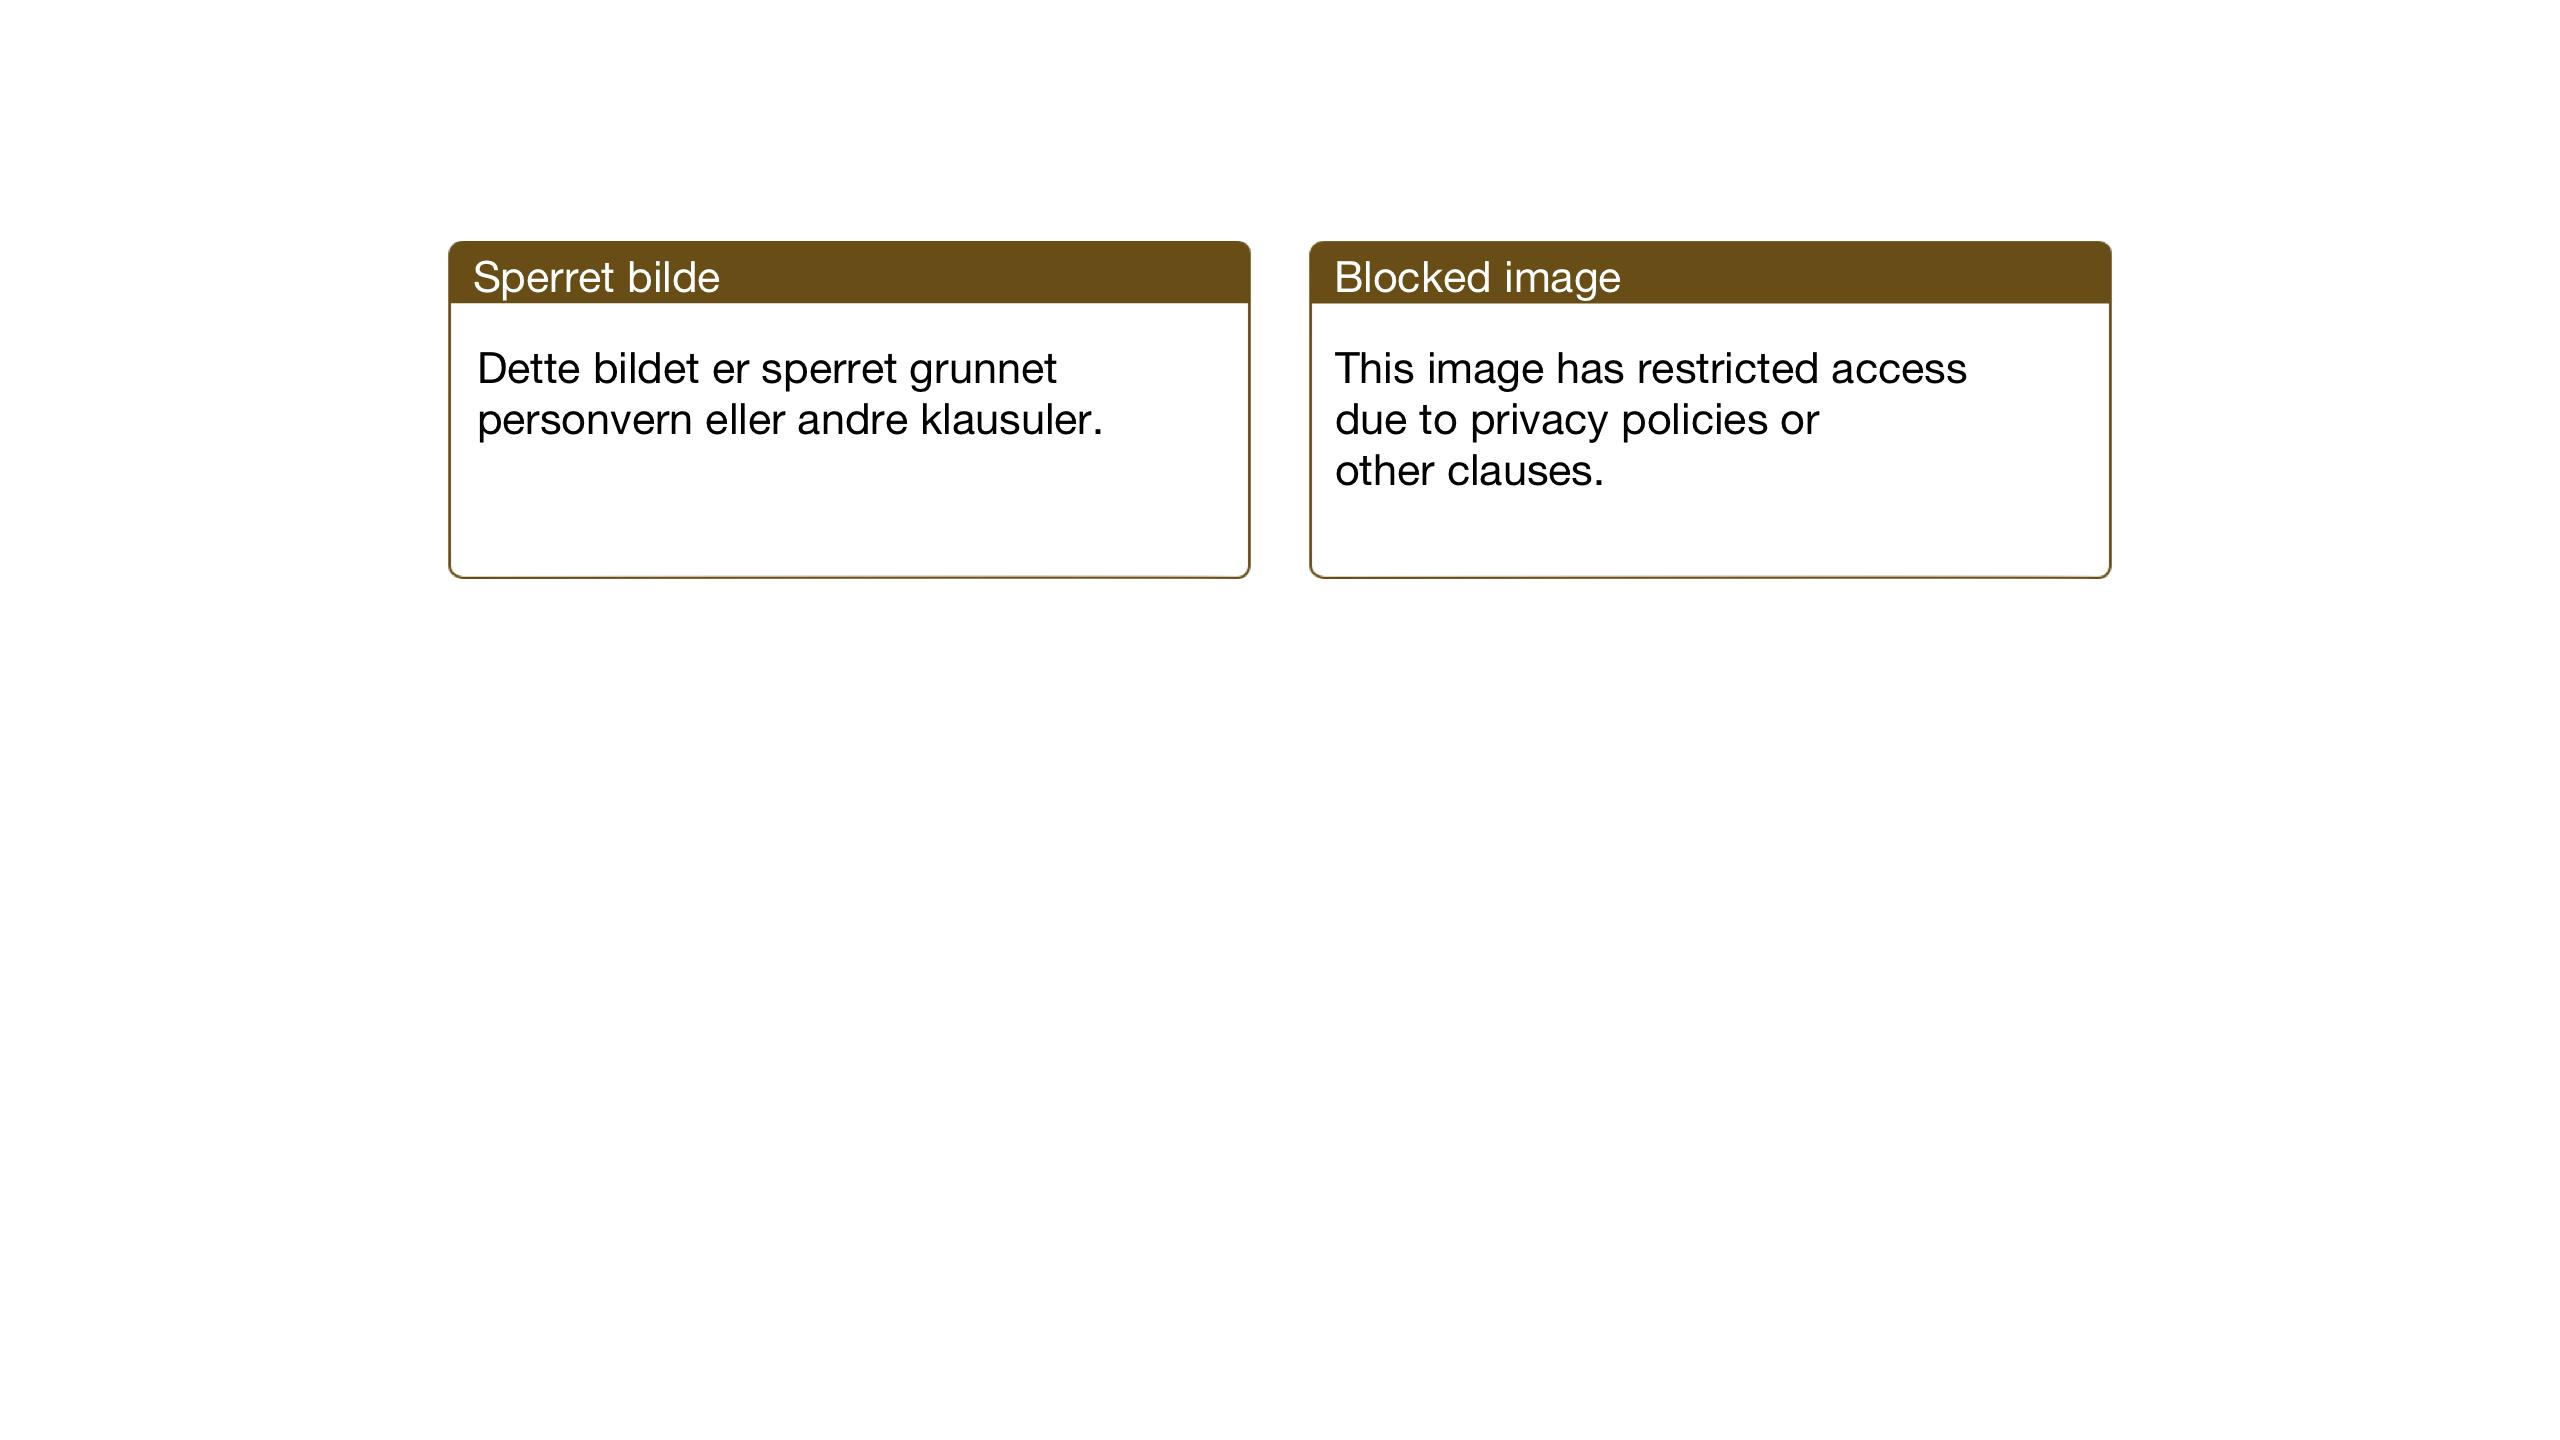 SAT, Ministerialprotokoller, klokkerbøker og fødselsregistre - Nord-Trøndelag, 774/L0631: Klokkerbok nr. 774C02, 1934-1950, s. 13